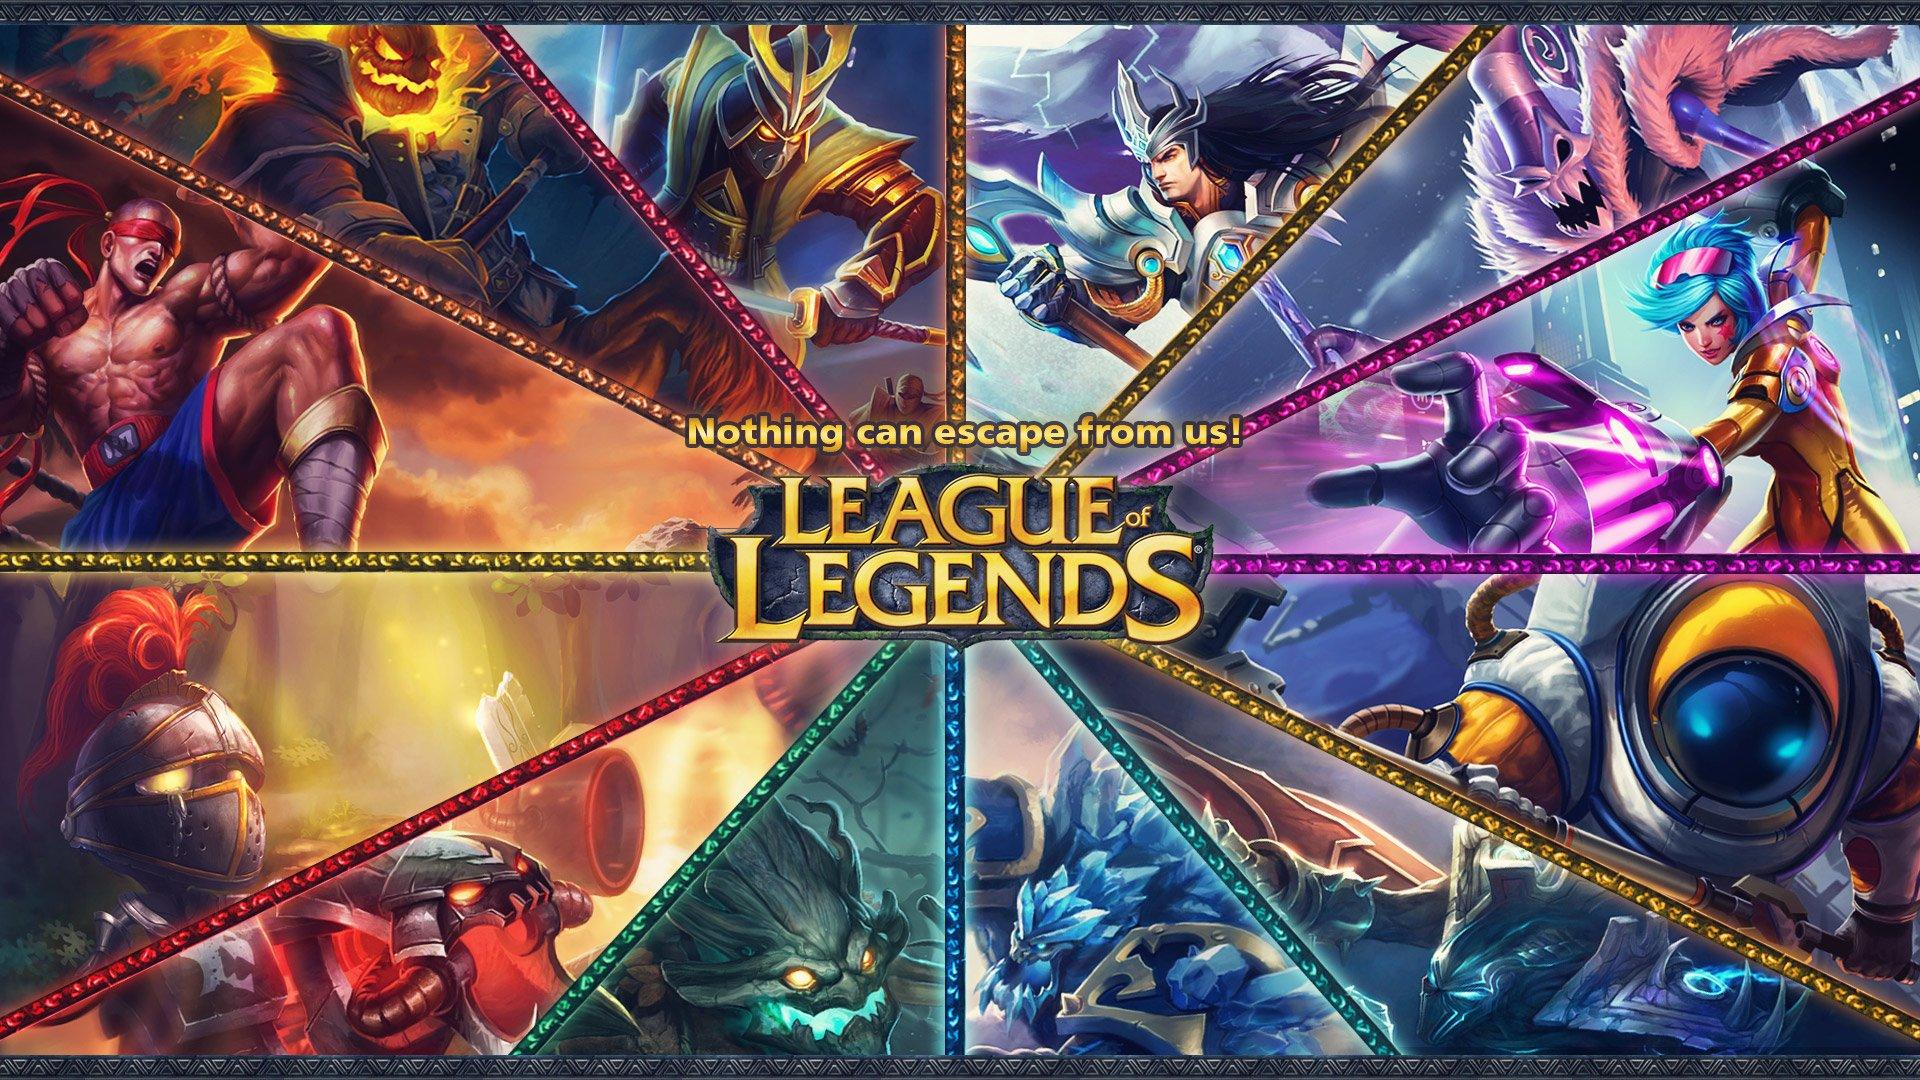 Vídeo Game - League Of Legends  Nocturne (League of Legends) Cho'gath (League Of Legends) Maokai (League Of Legends) Nautilus (League of Legends) Amumu (League Of Legends) Jarvan IV (League Of Legends) Hecarim (League Of Legends) VI (League Of Legends) Fiddlesticks (League Of Legends) Lee Sin (League Of Legends) Papel de Parede